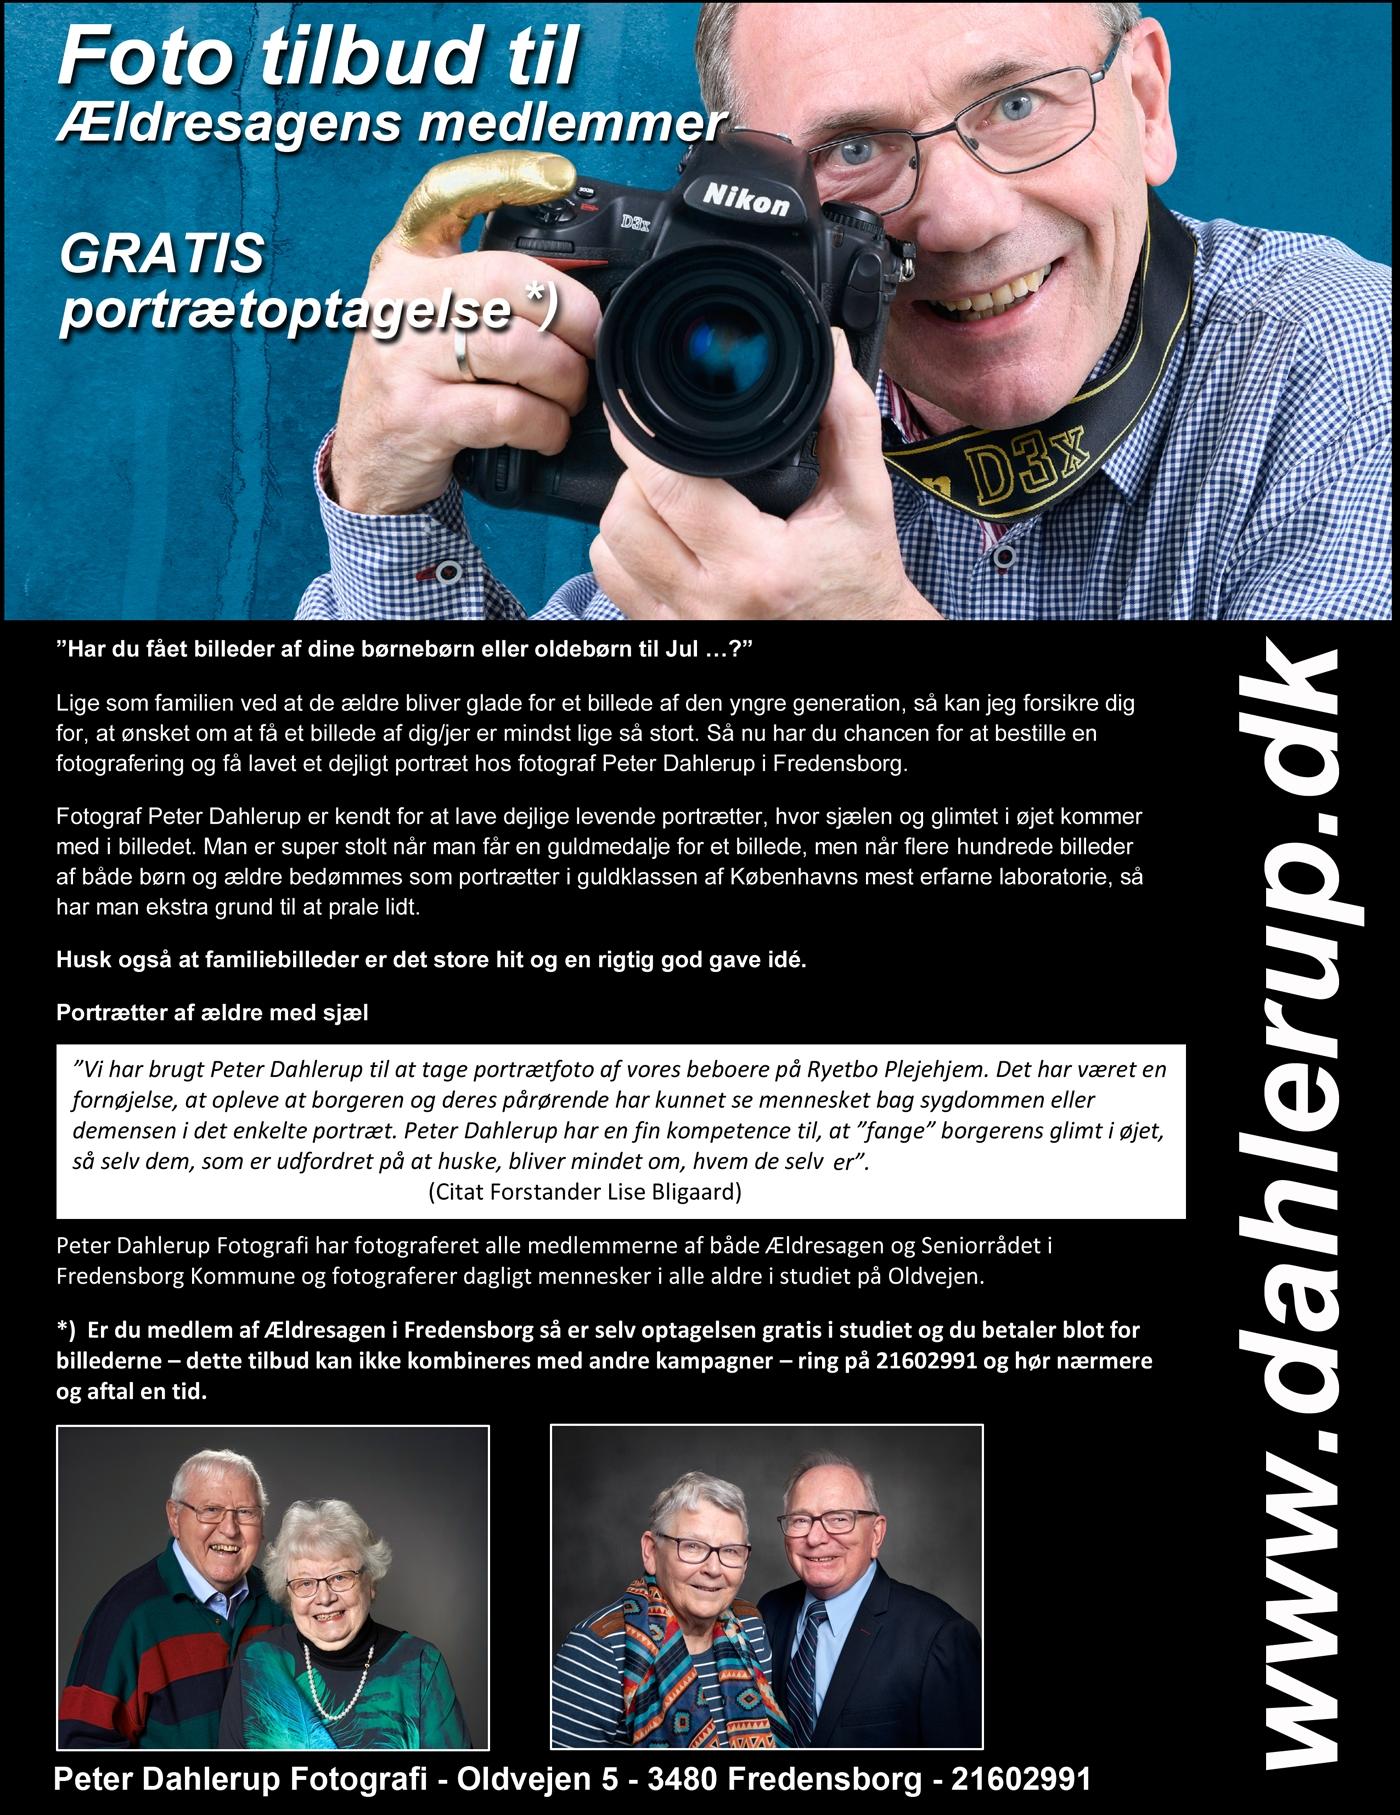 Gratis fotografering til de ældre